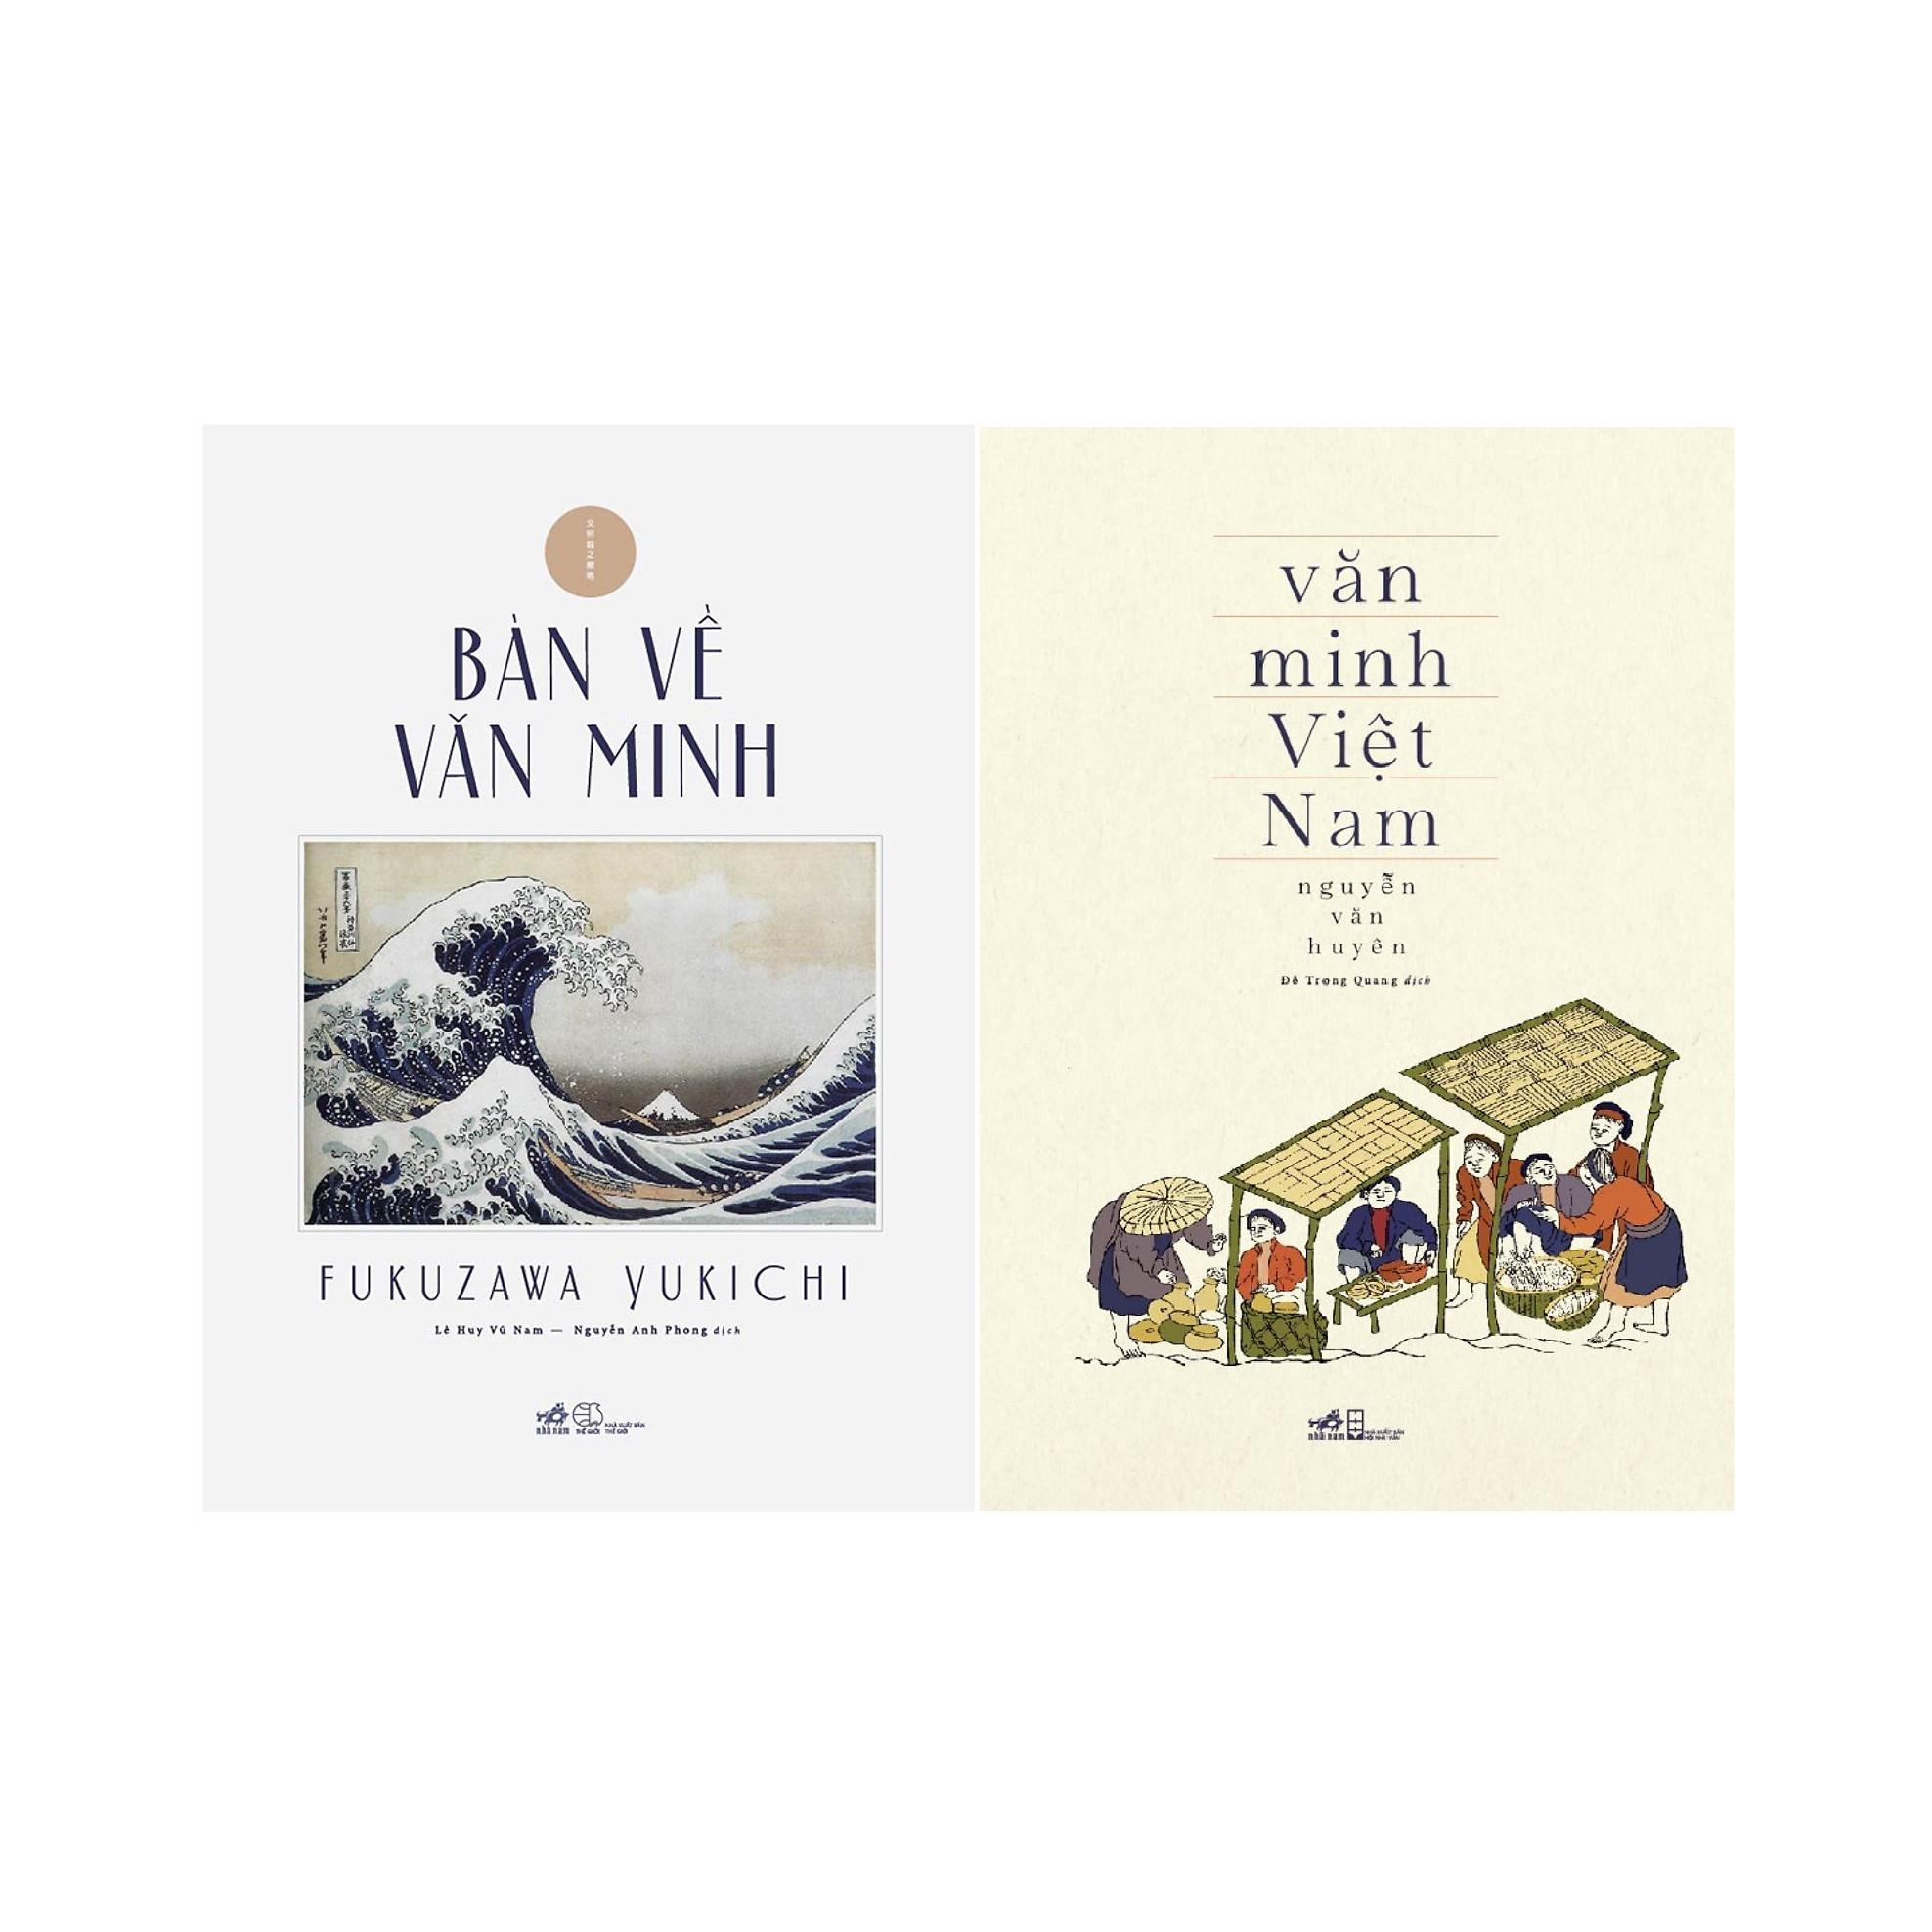 Combo Bàn Về Văn Minh + Văn Minh Việt Nam (Tái Bản)